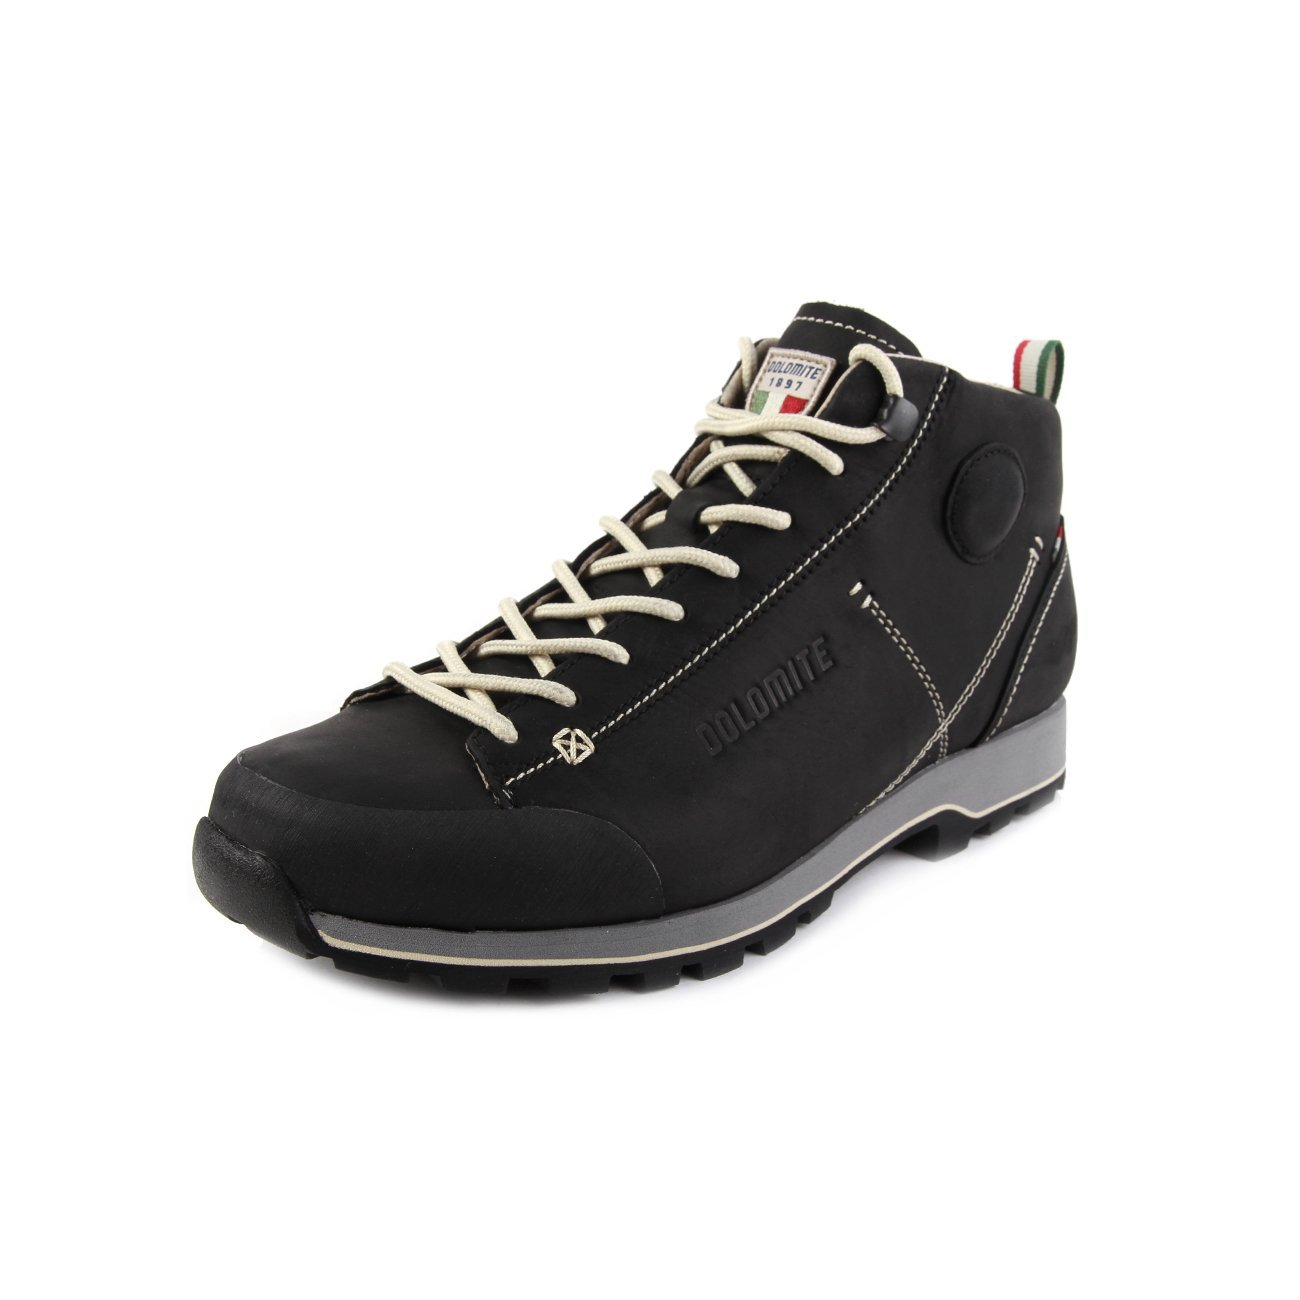 Dolomite Cinquantaquattro Mid City W Black Schuhe